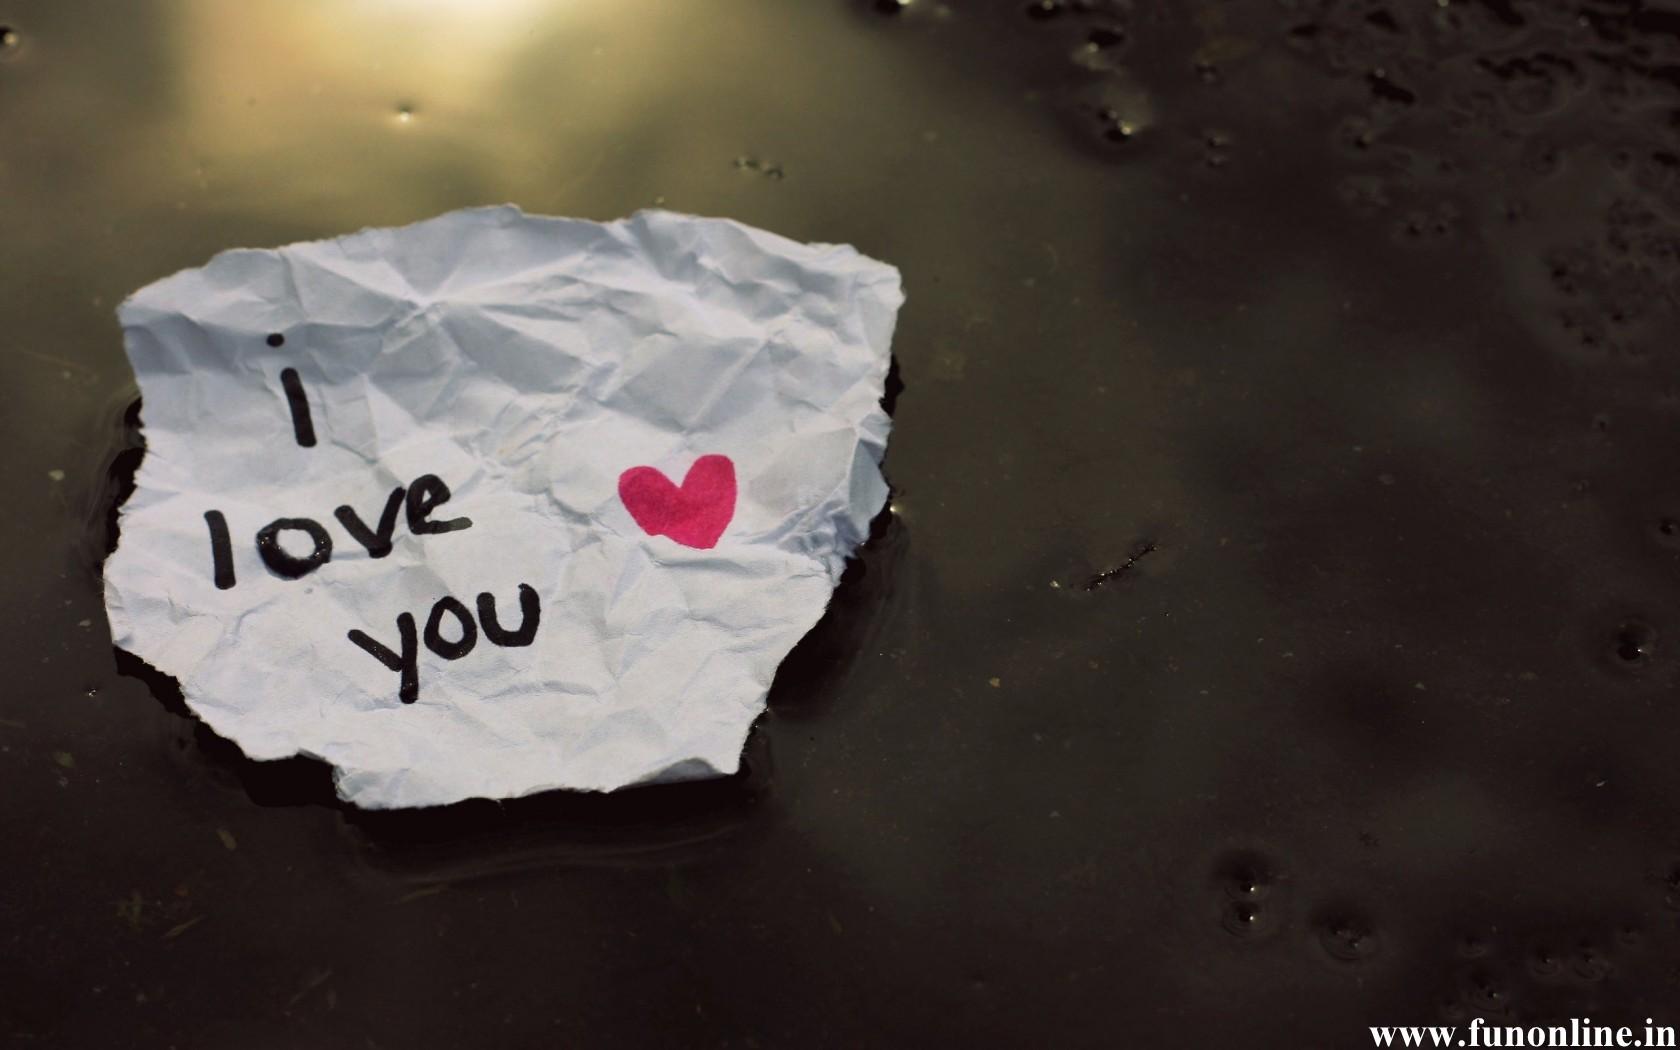 True Love Wallpapers Wonderful True Love HD Wallpapers For 1680x1050